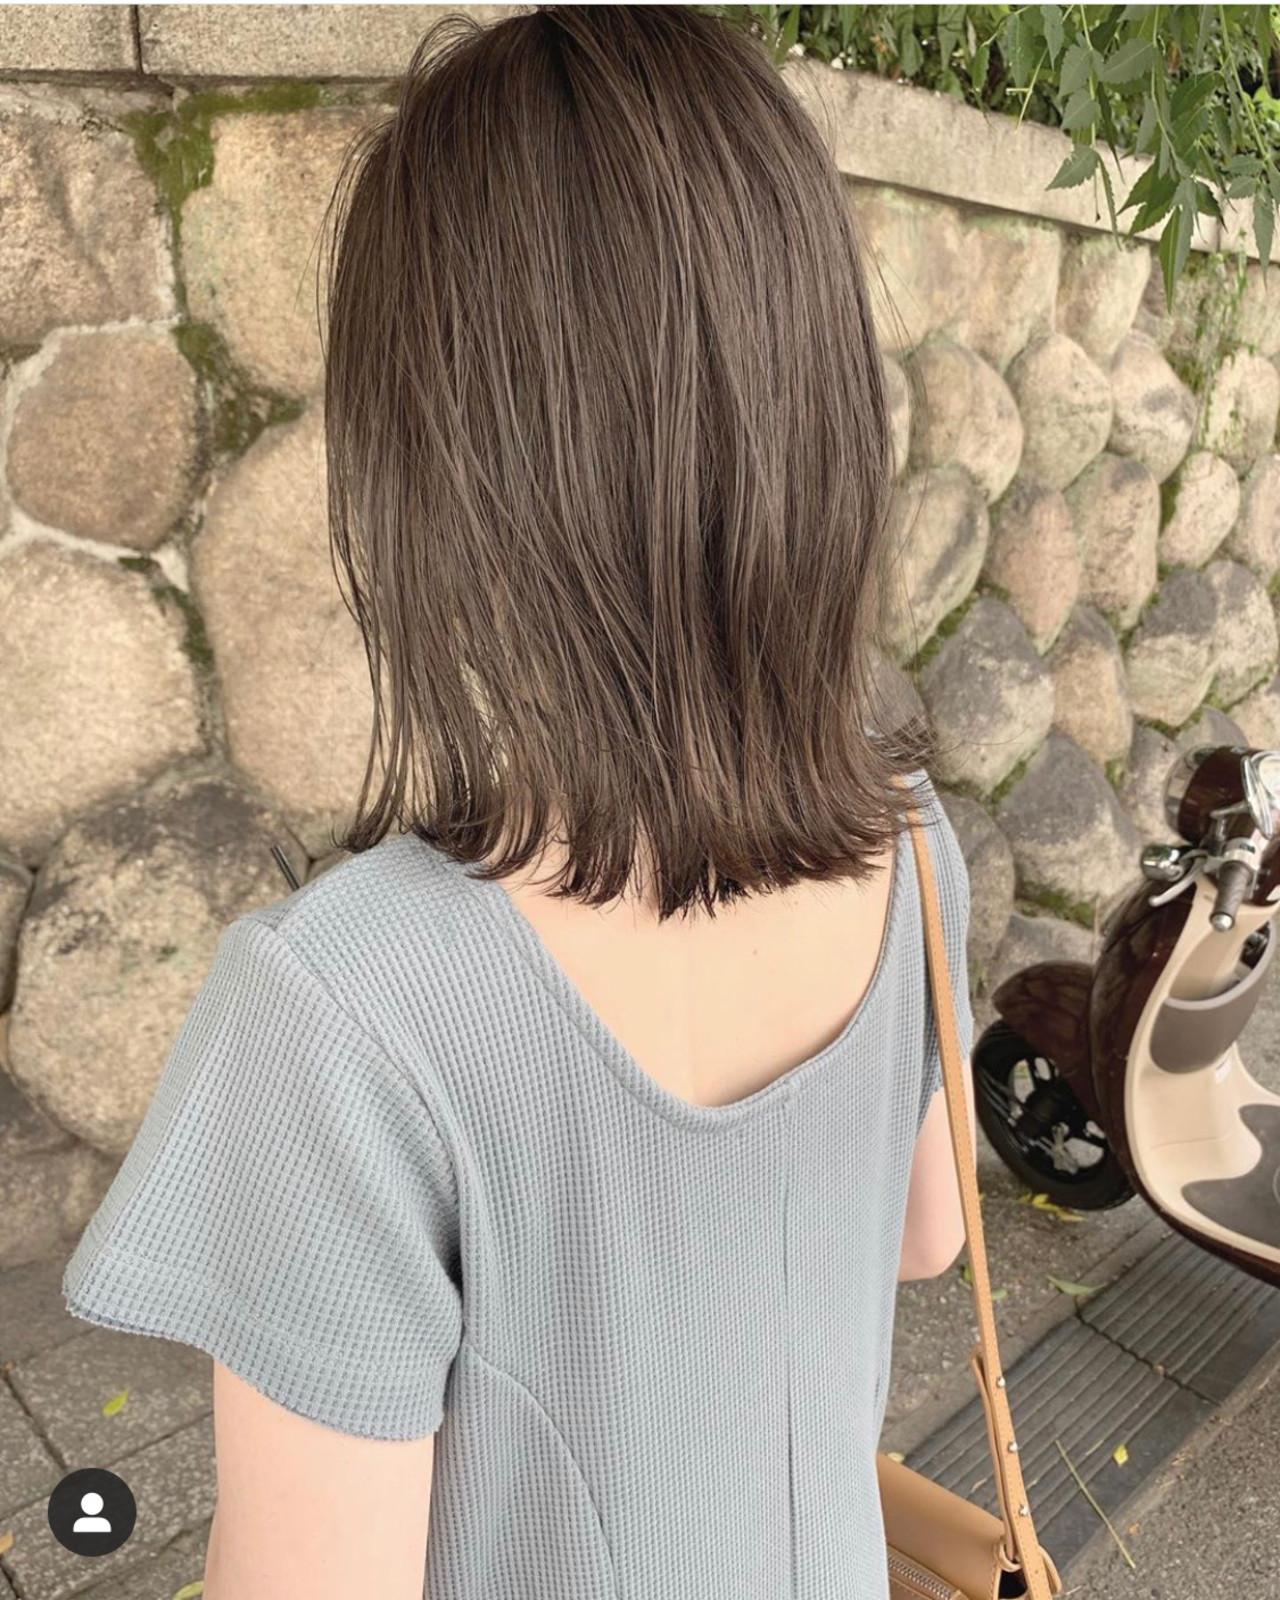 ミニボブ 切りっぱなしボブ ショートヘア ショートボブ ヘアスタイルや髪型の写真・画像 | KENTO.NOESALON / NOE SALON